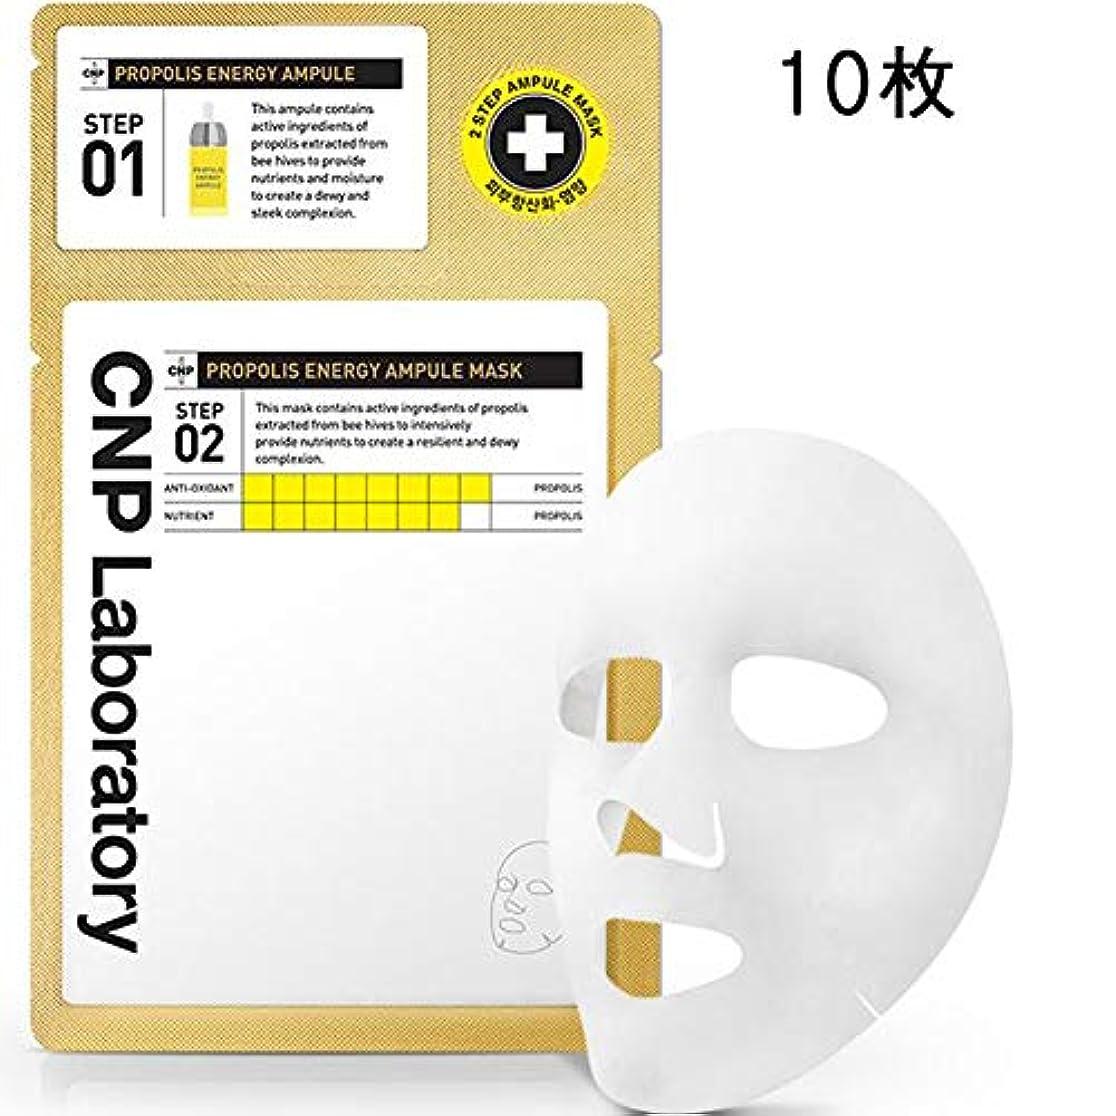 組み込むオーナー予言する[CNP]チャ&パクプロポリスエネルギーアンプルマスクパック10枚 (1step 1.5ml + 2step 30ml)[海外直送品][並行輸入品]